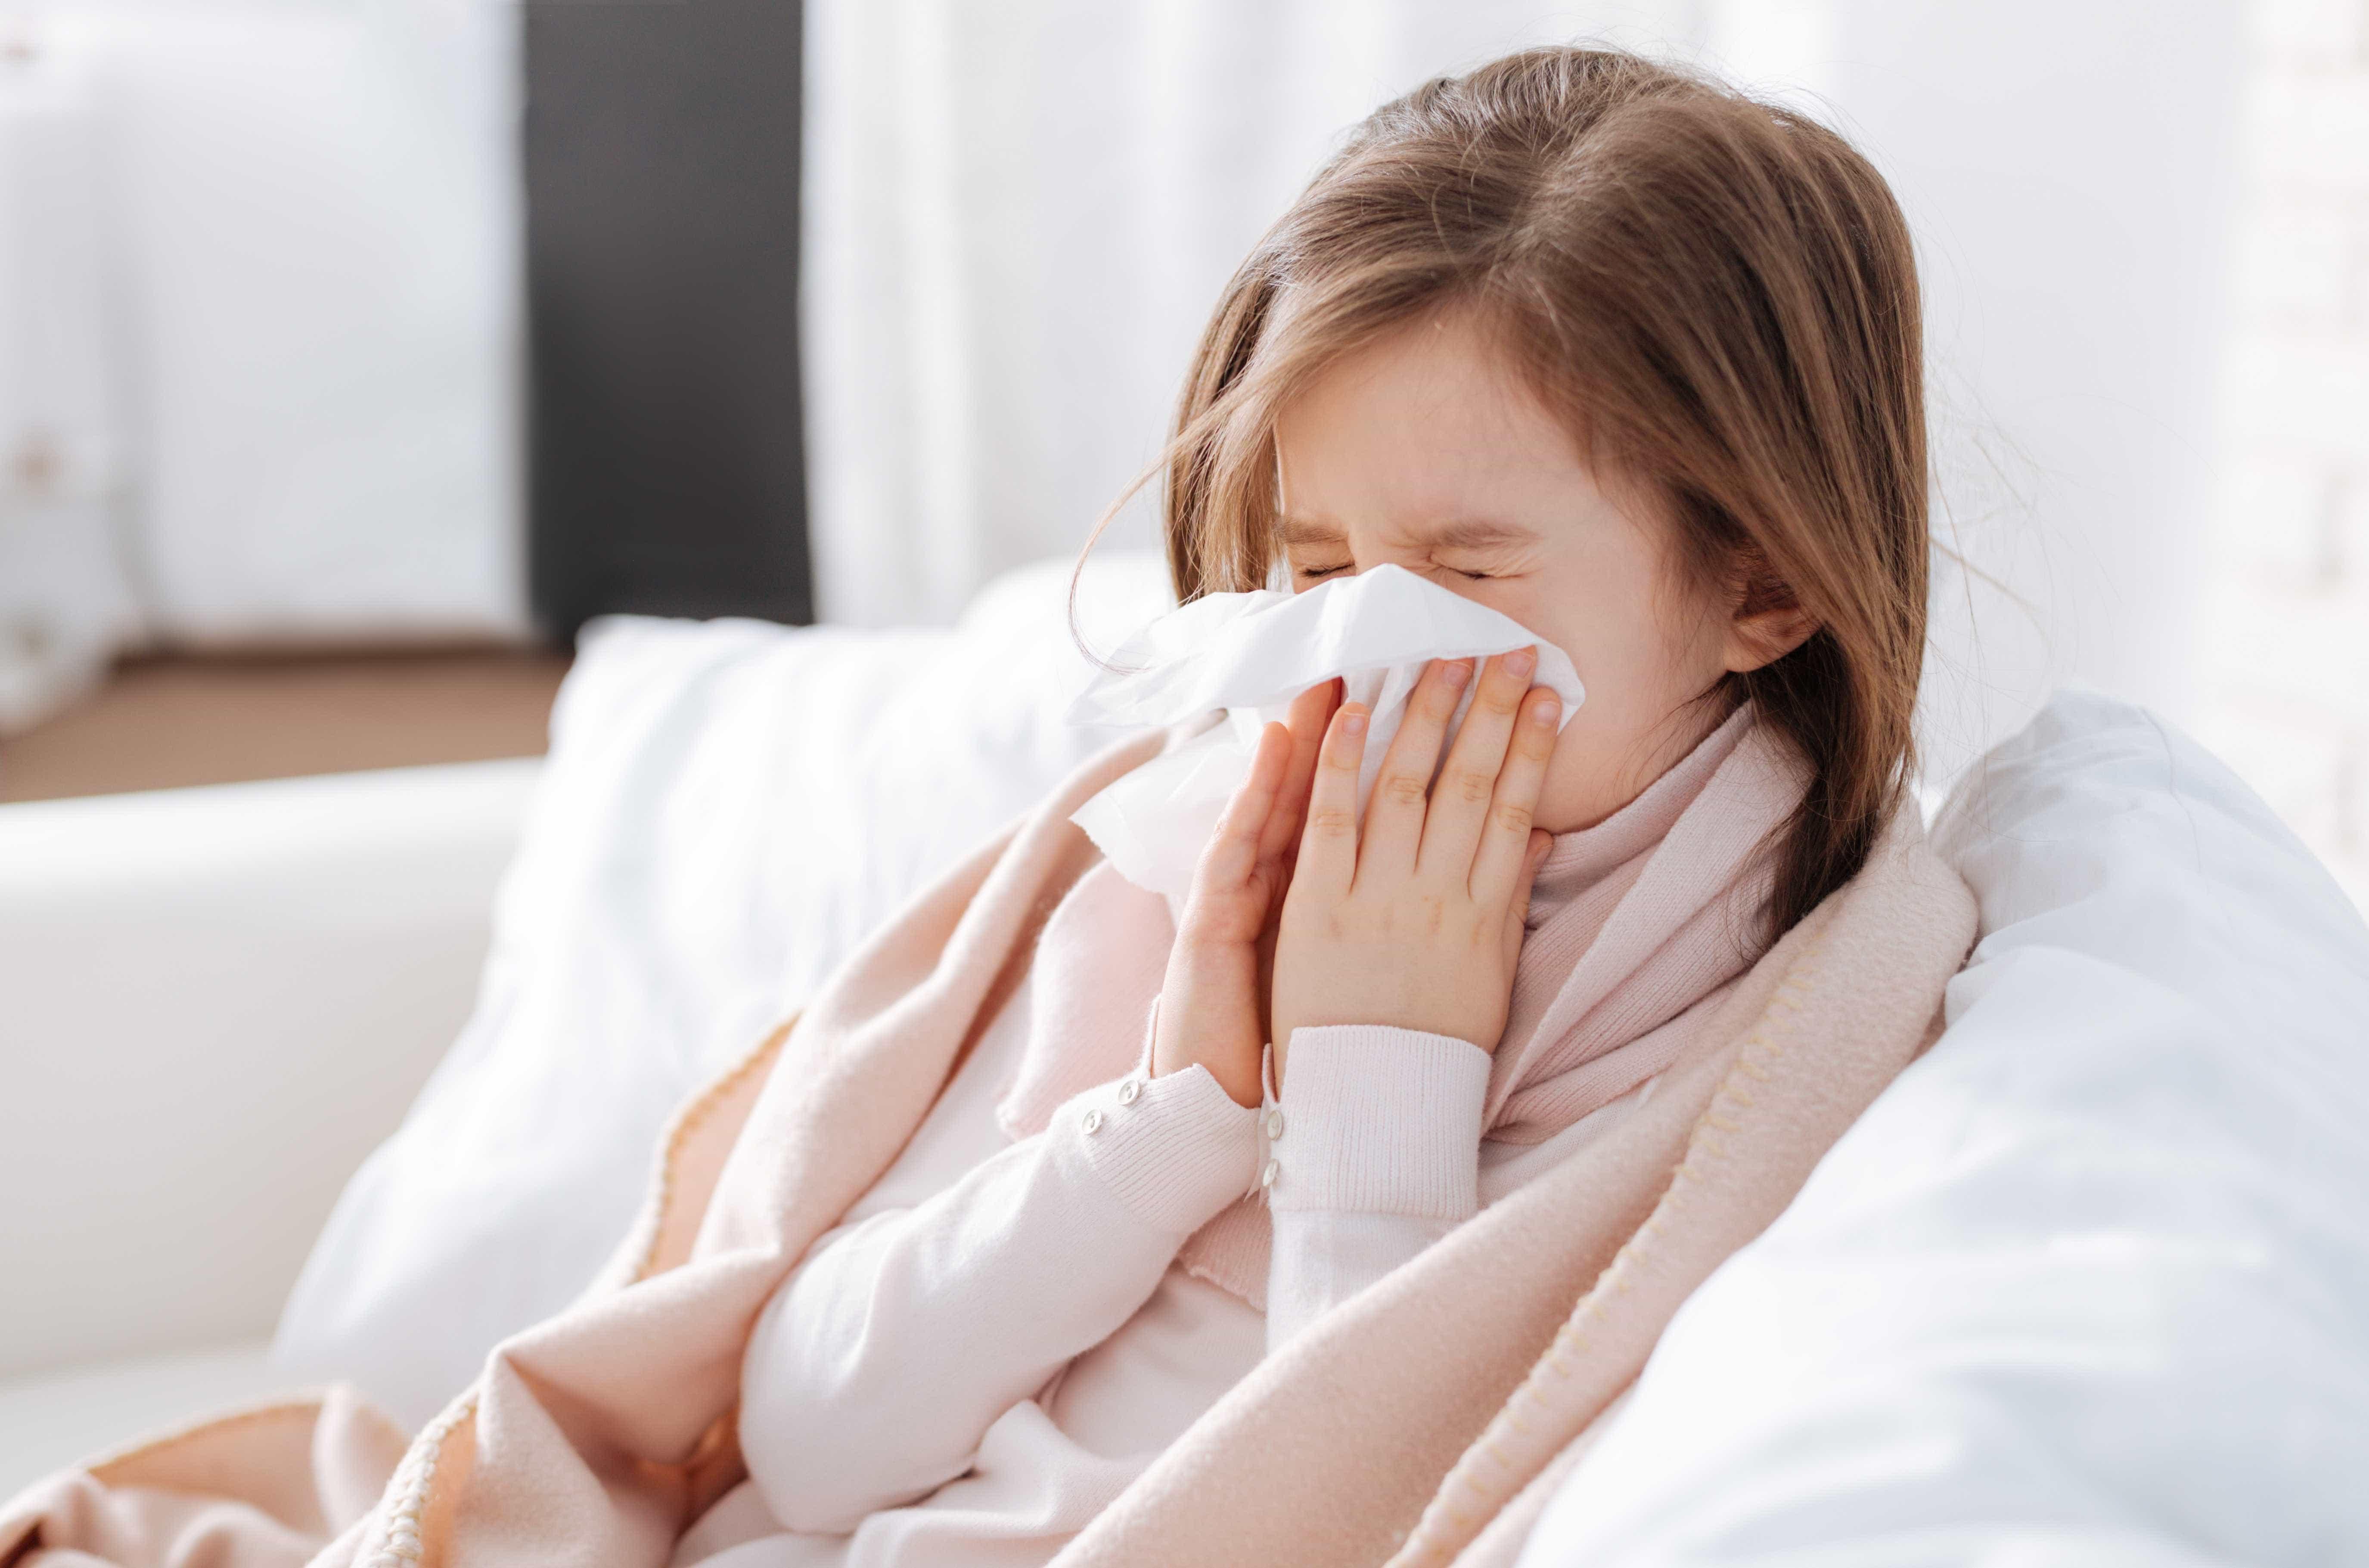 6 nutrientes essenciais para melhorar a imunidade no inverno